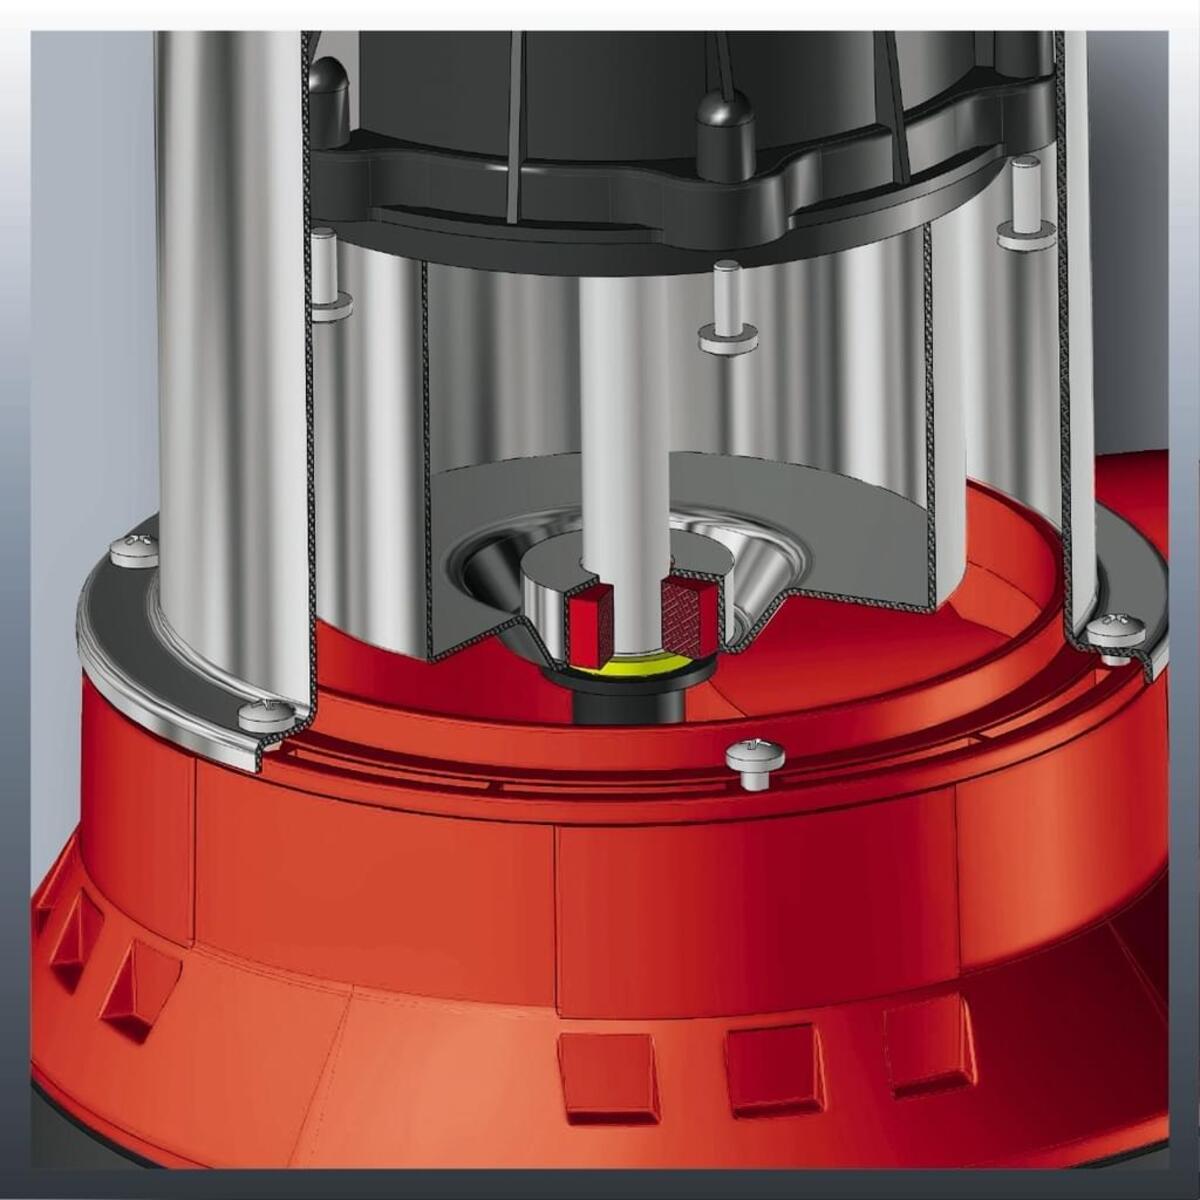 Bild 5 von Einhell Schmutzwasserpumpe GE-DP 5220 LL ECO, Leistung 520 Watt, Fördermenge max. 13500 l/h, 4170780